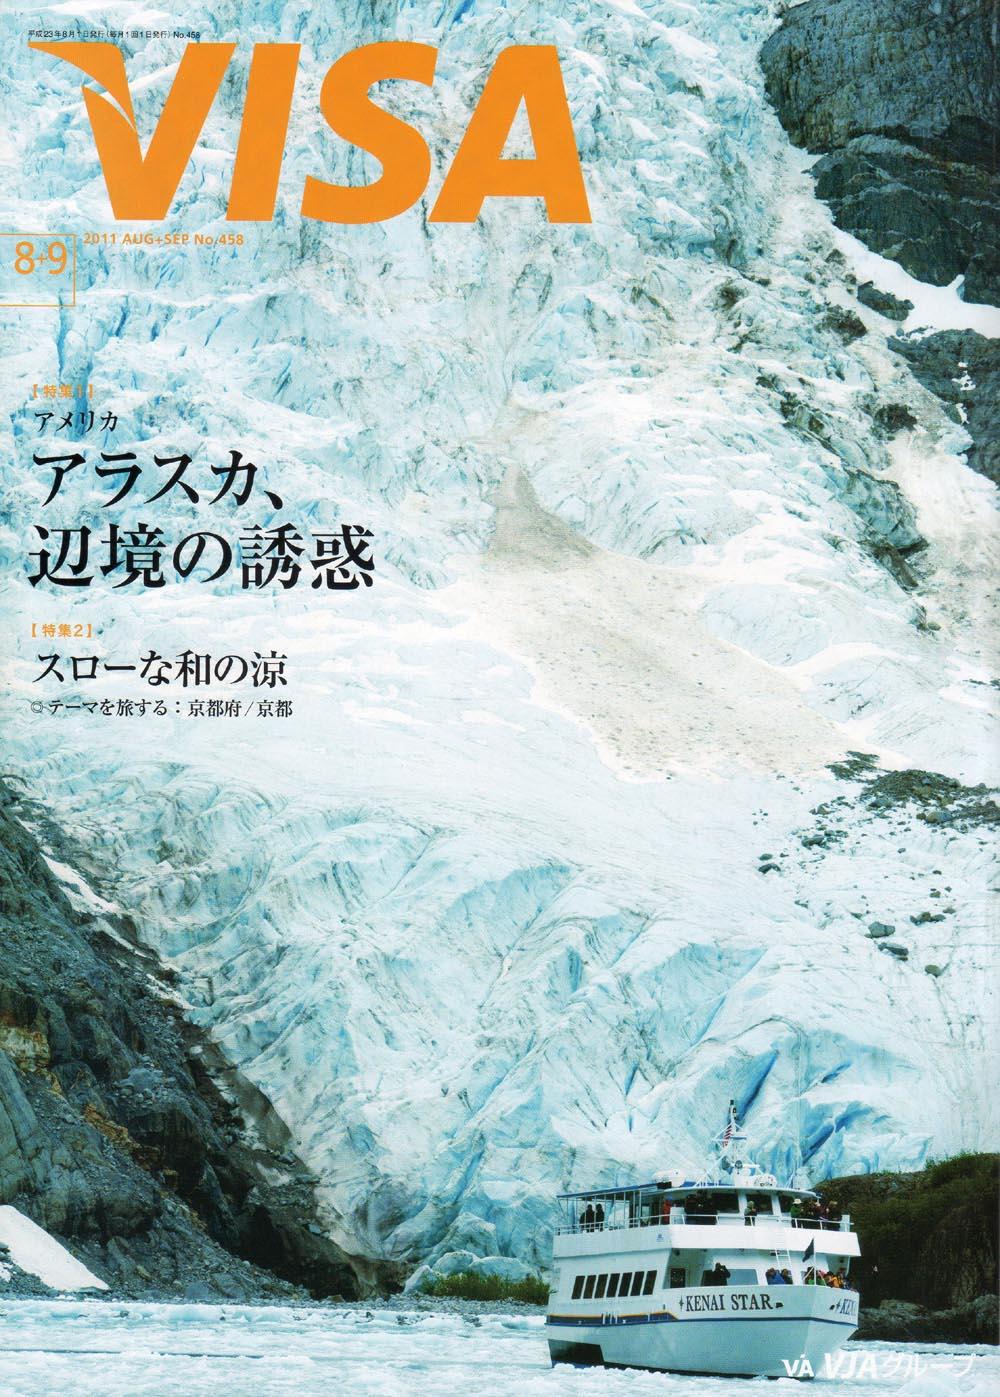 【メディア掲載】米鶴 スパークリングが情報誌に掲載されました!:画像